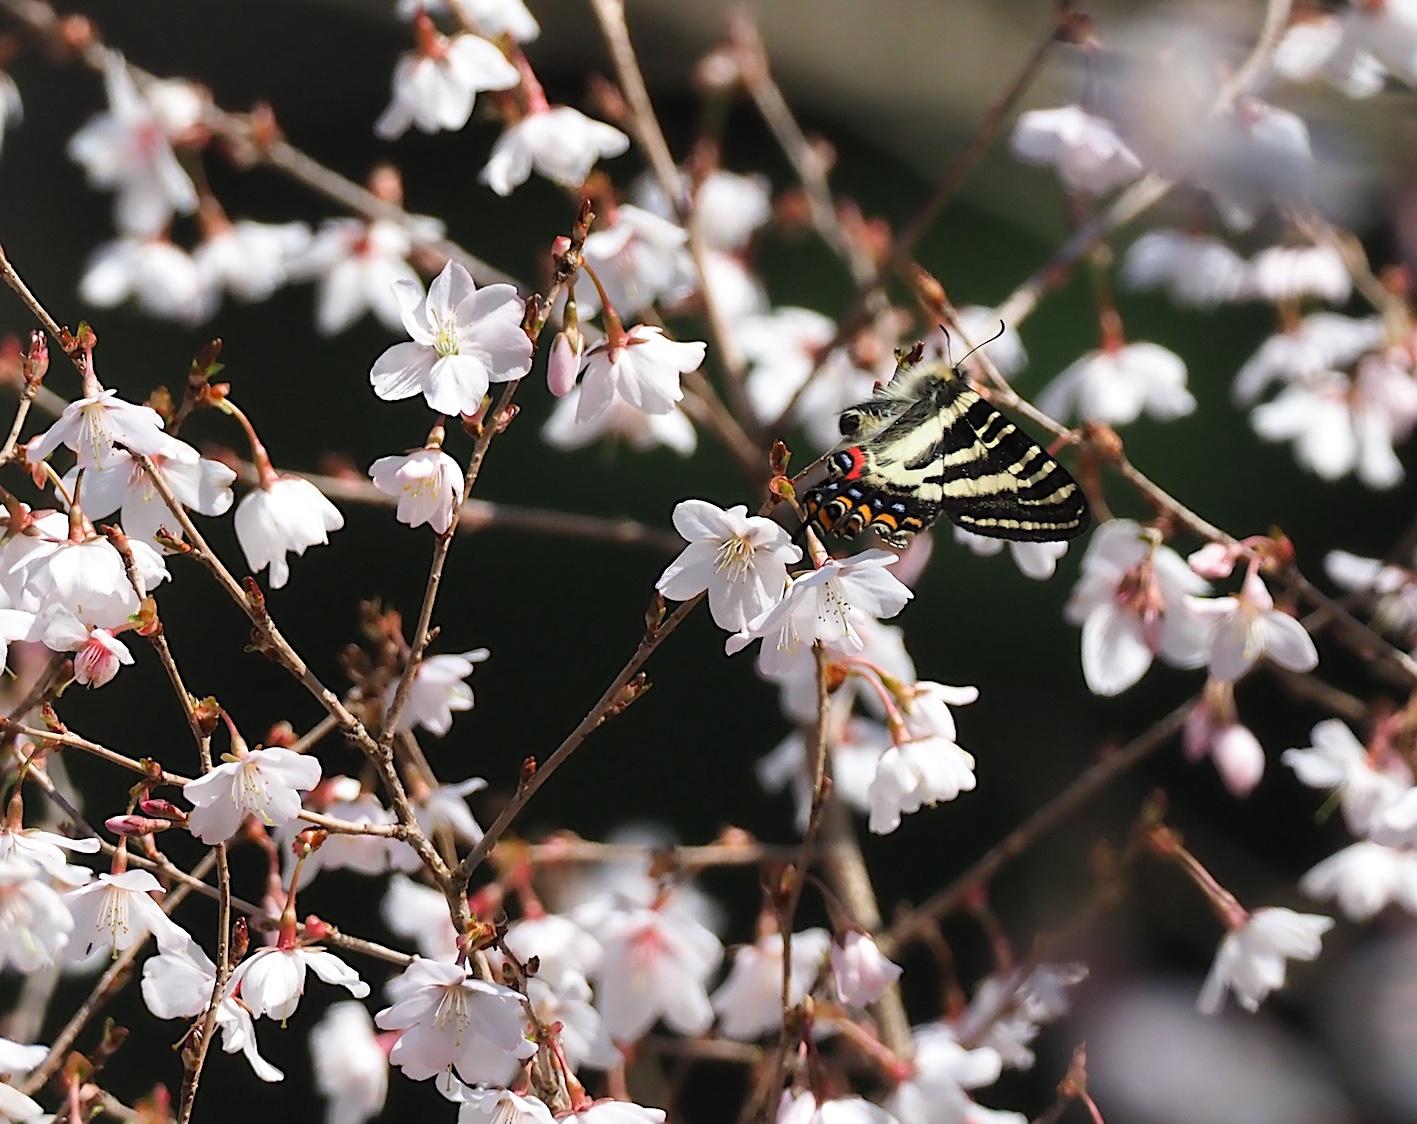 春の女神ギフチョウ、飛翔シーンの部(2020年4月2日)_d0303129_21363781.jpg